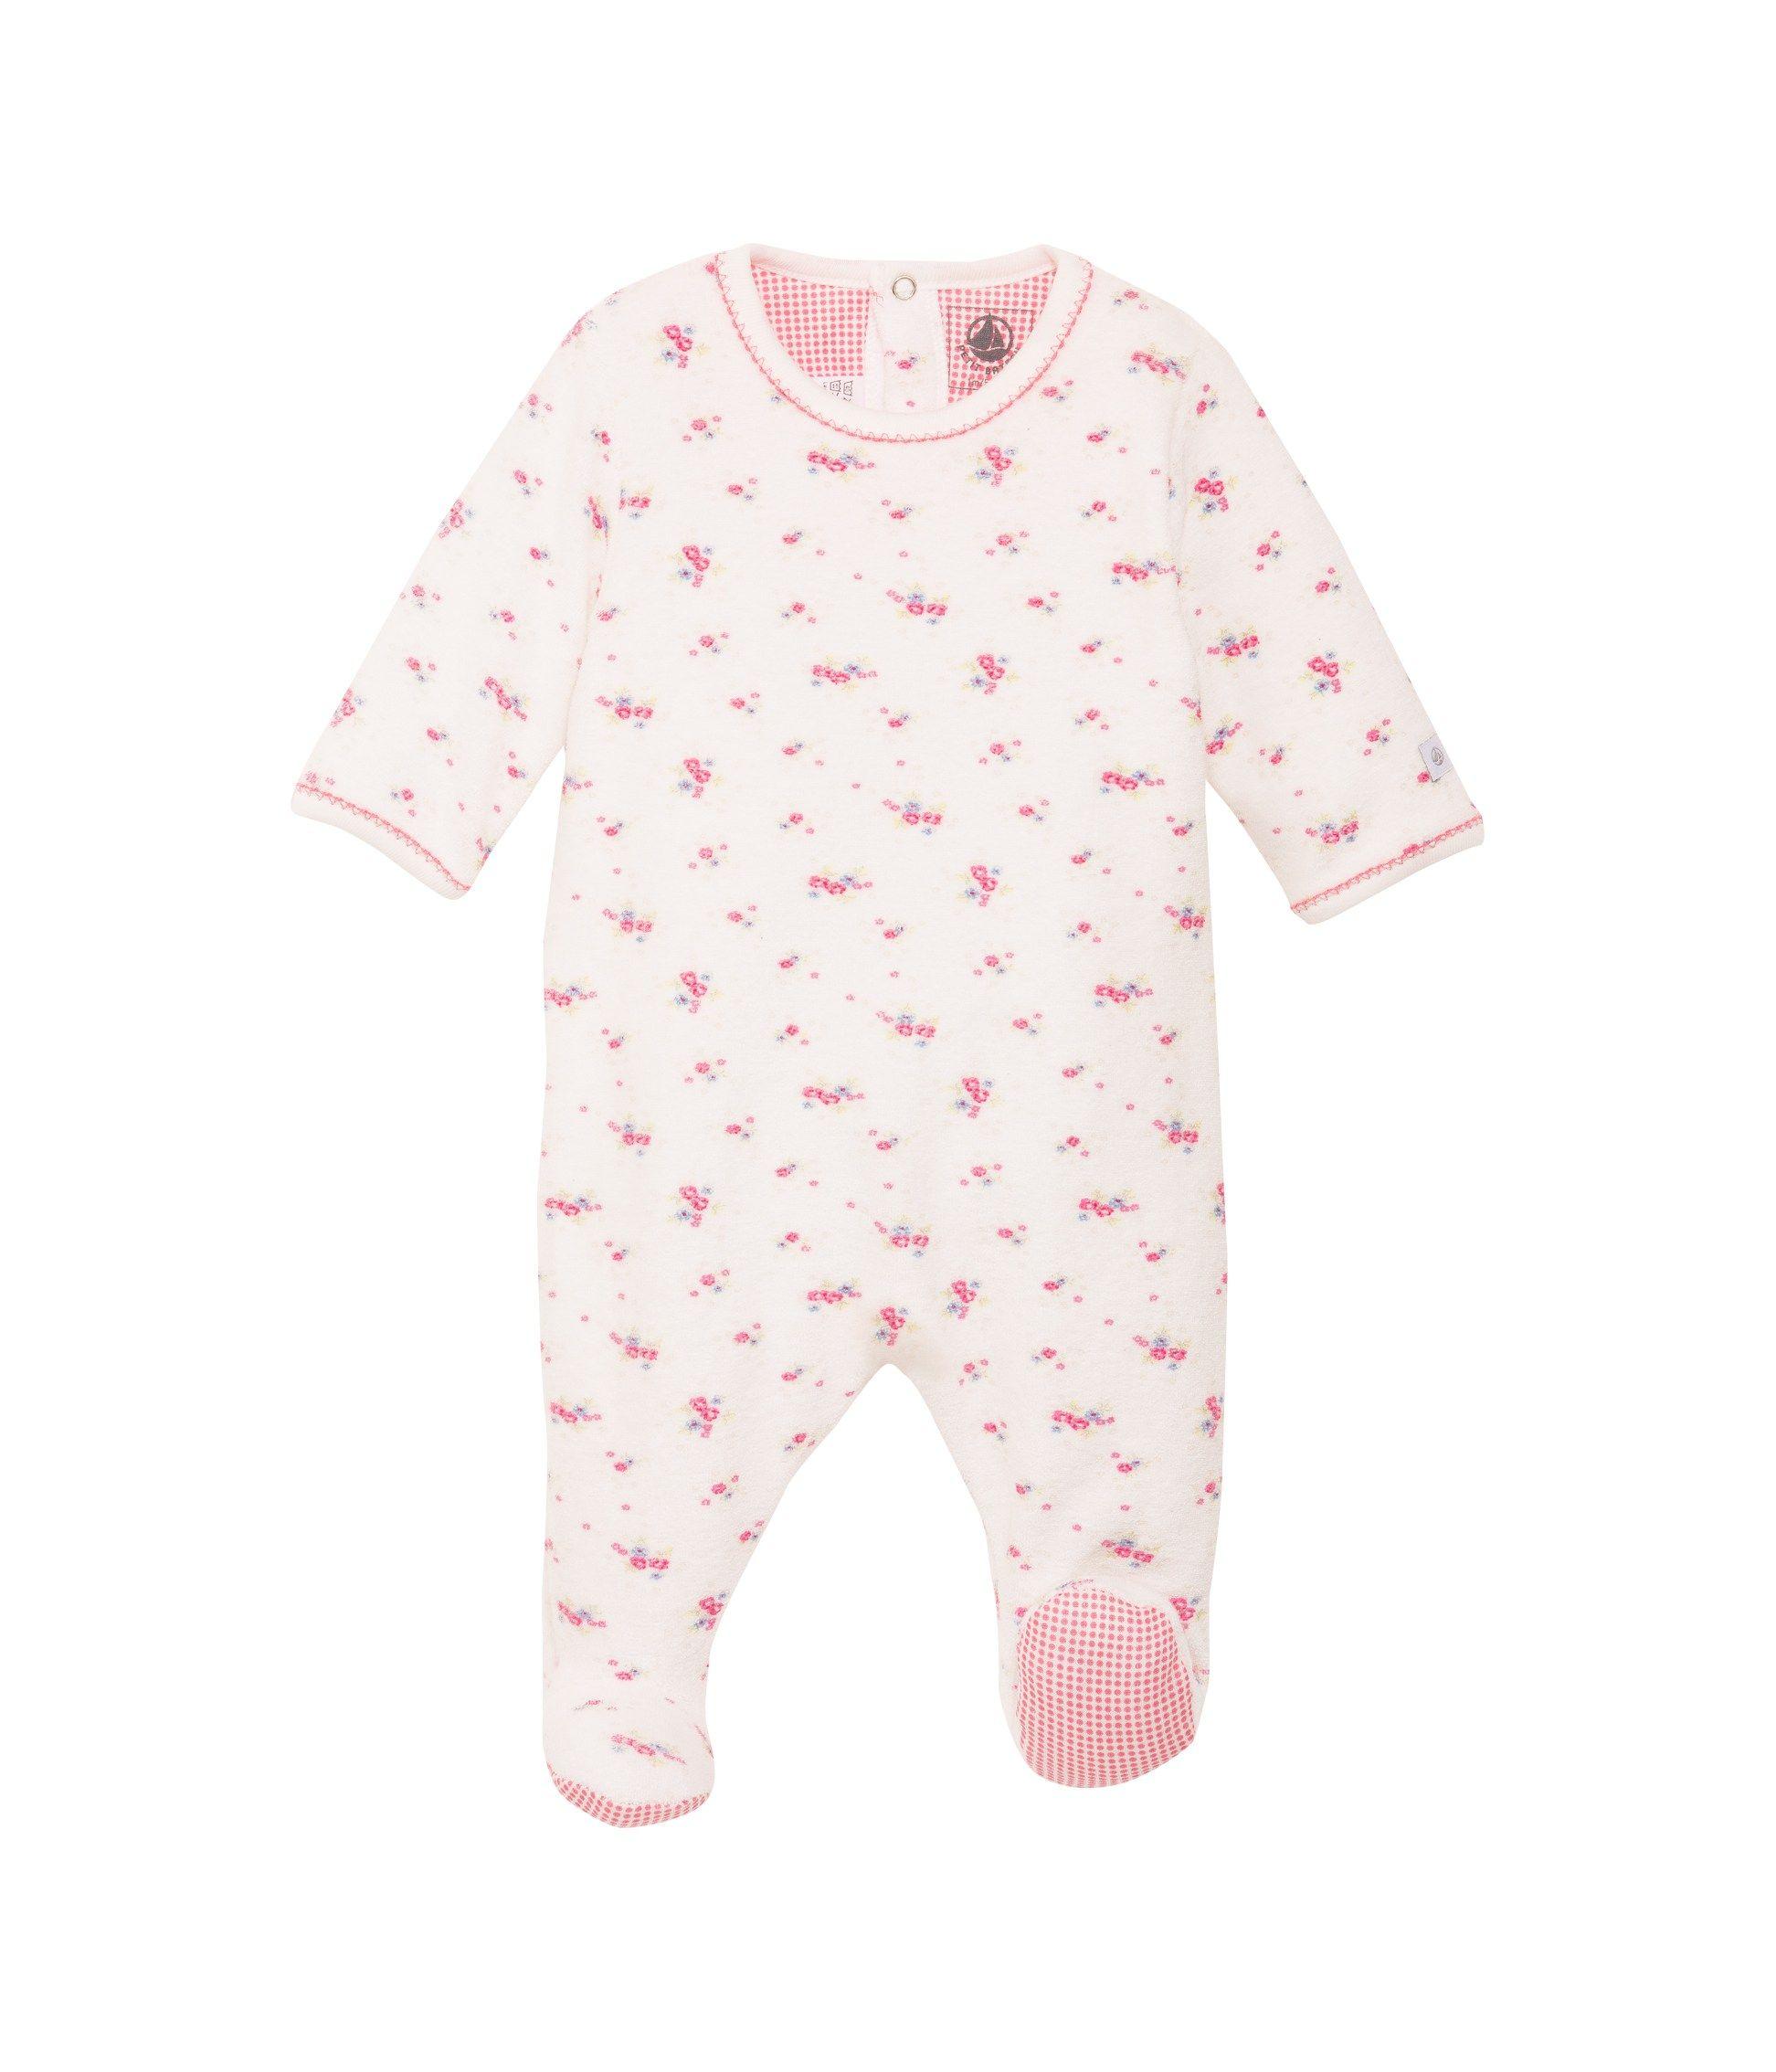 3 ans Filles Pour Bébé 2 Pack Licorne Pyjamas Pyjama en coton doux Set Nouveau-né